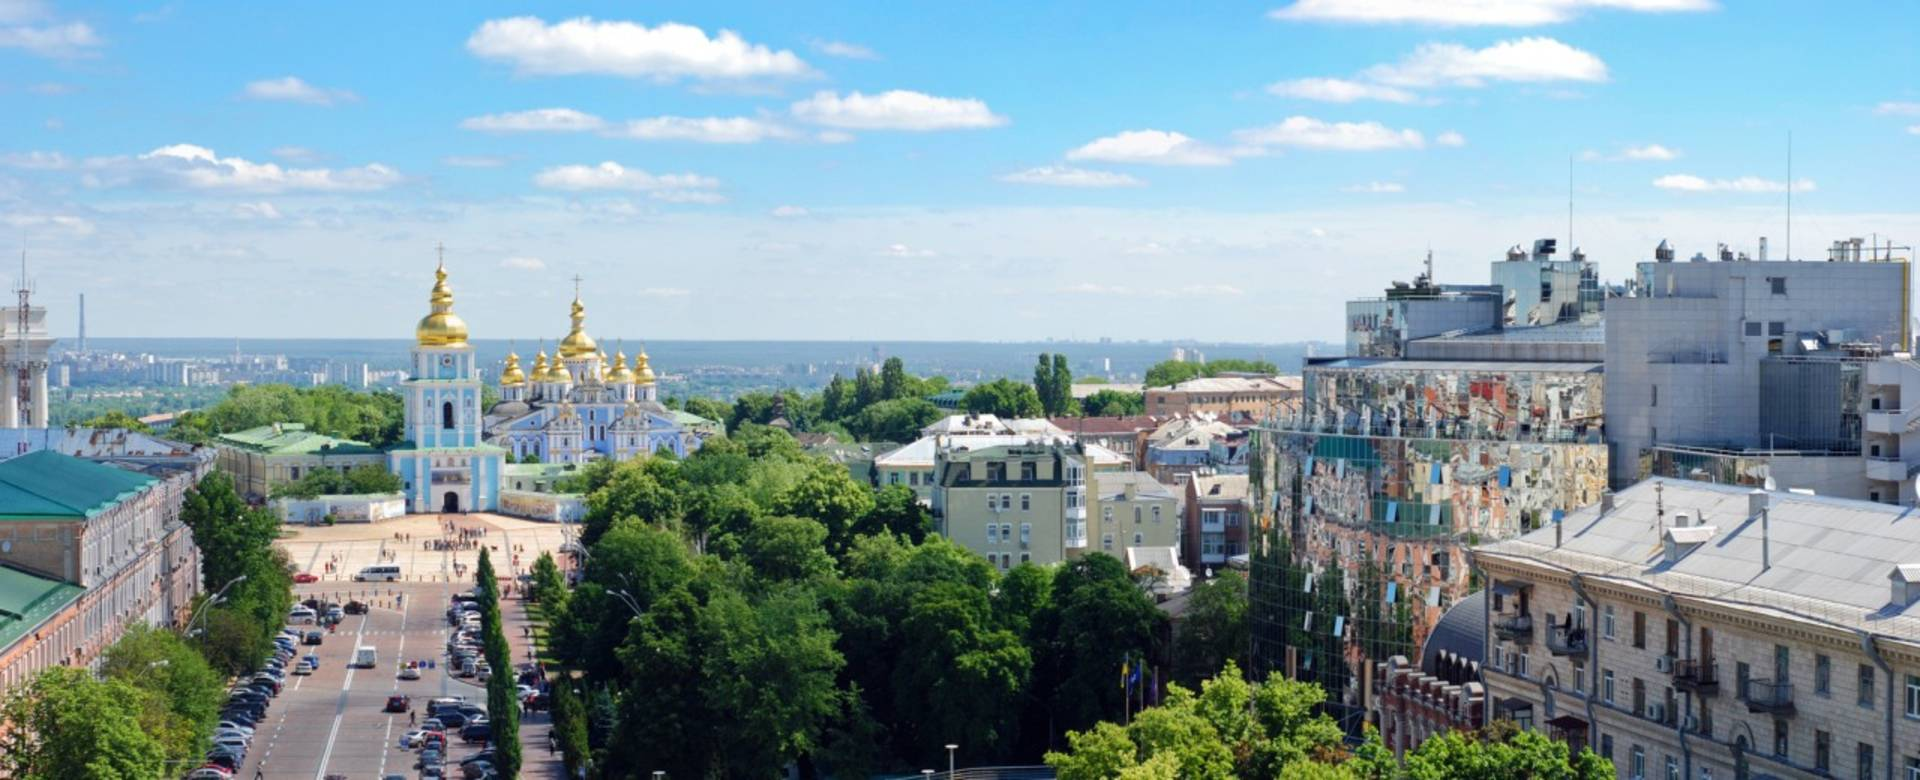 Study-in-Ukraine